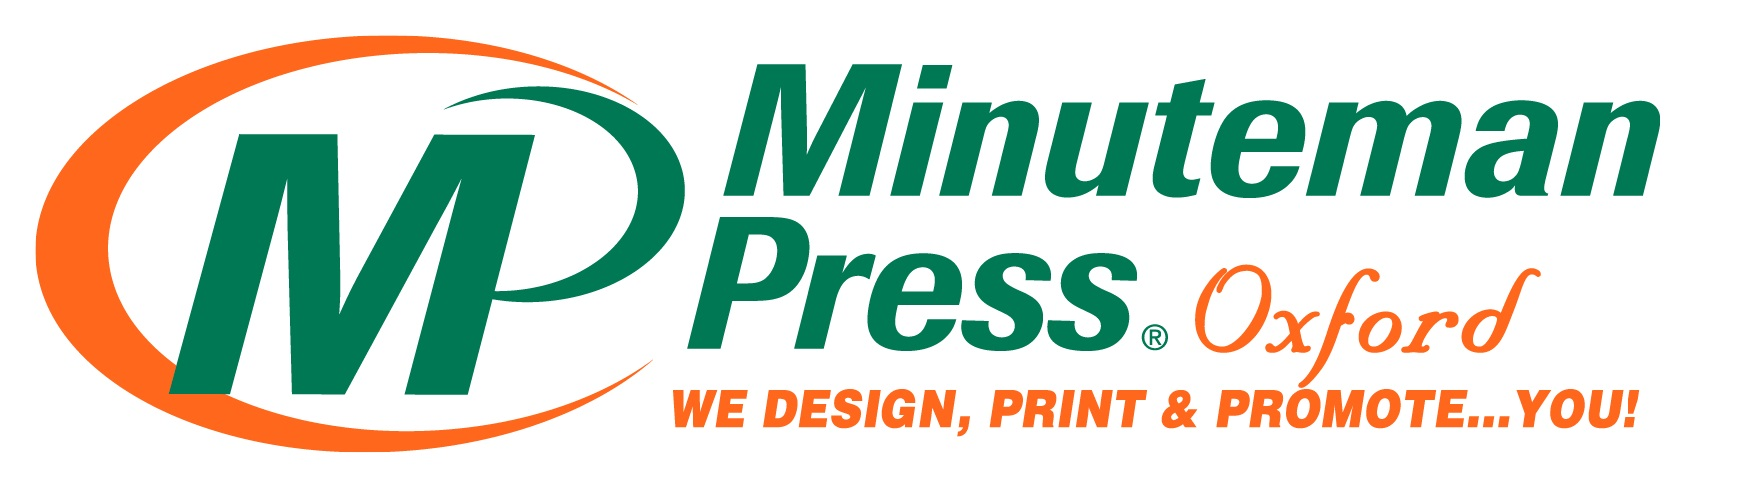 MinuteMan Press.Oxford